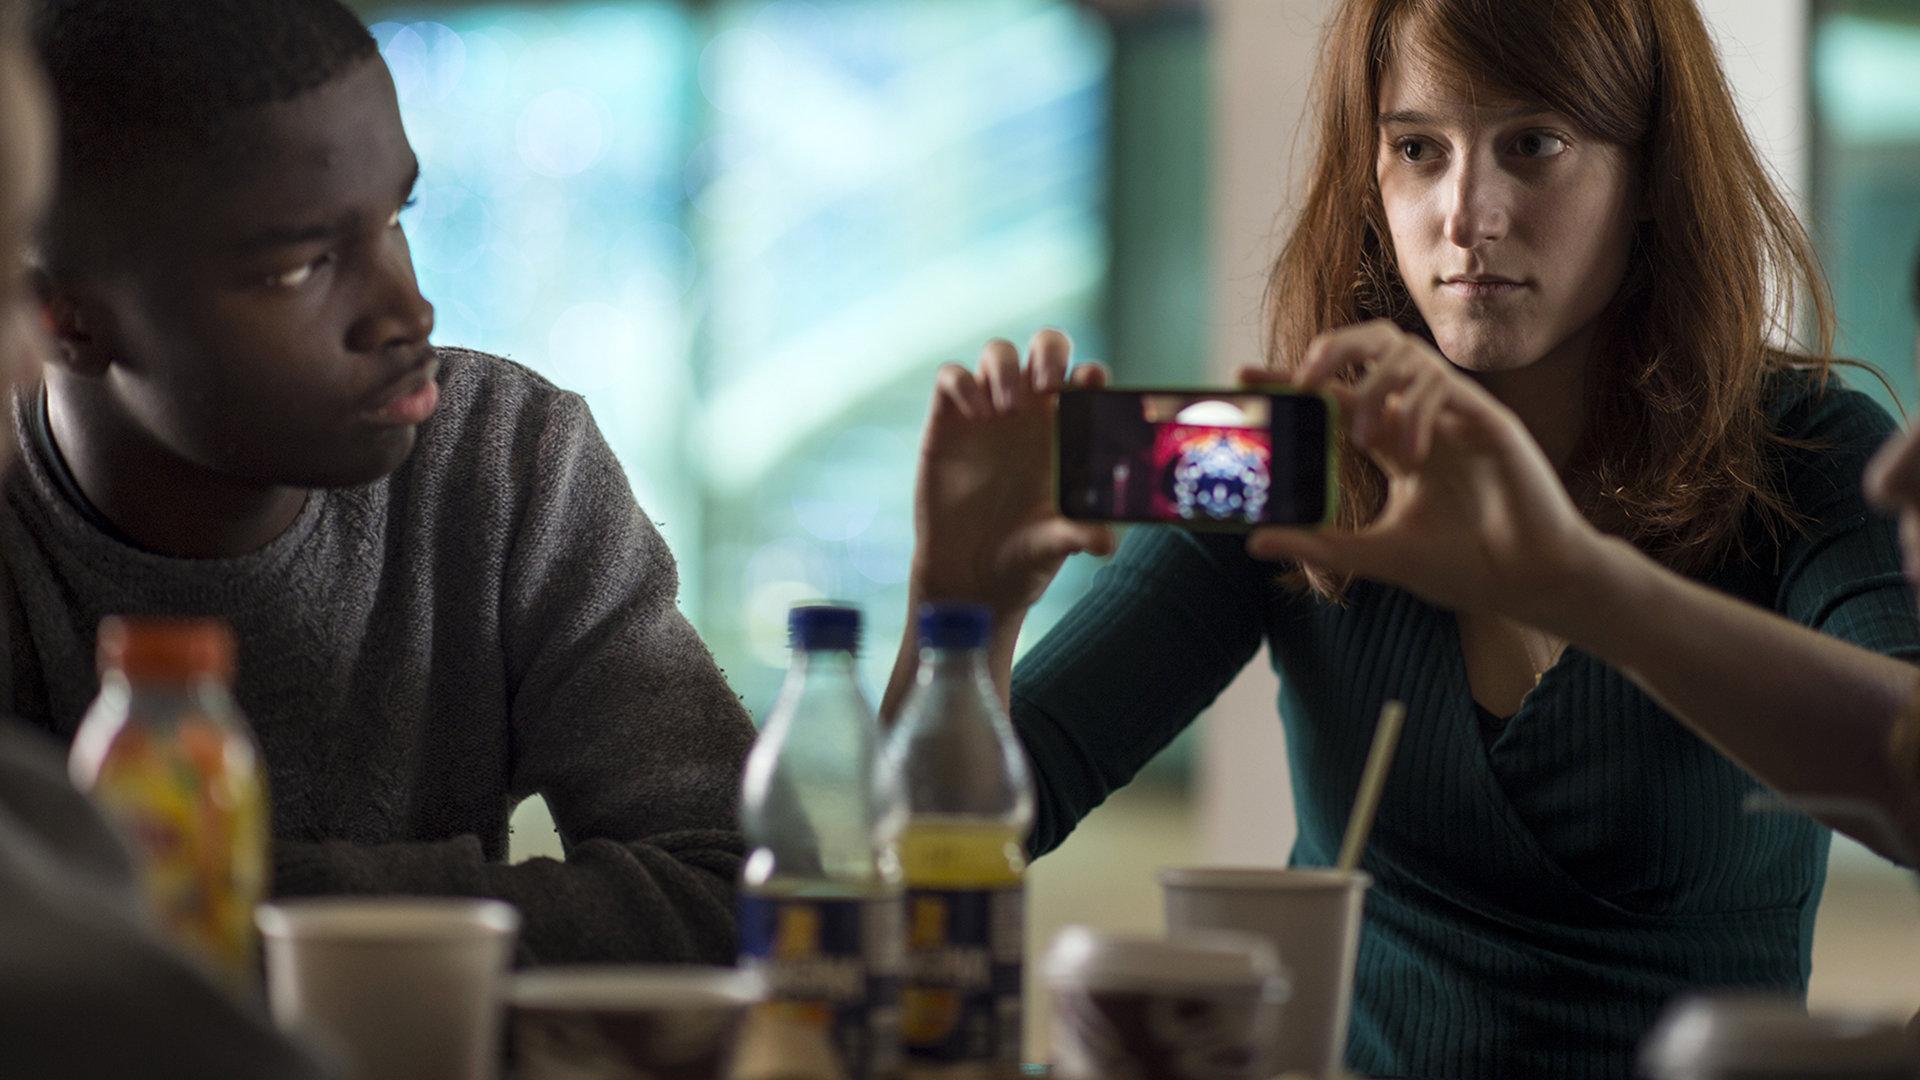 Protagonistin Melanie zeigt ein Video auf ihrem Smartphone (Foto: Neue Visionen Filmverleih)